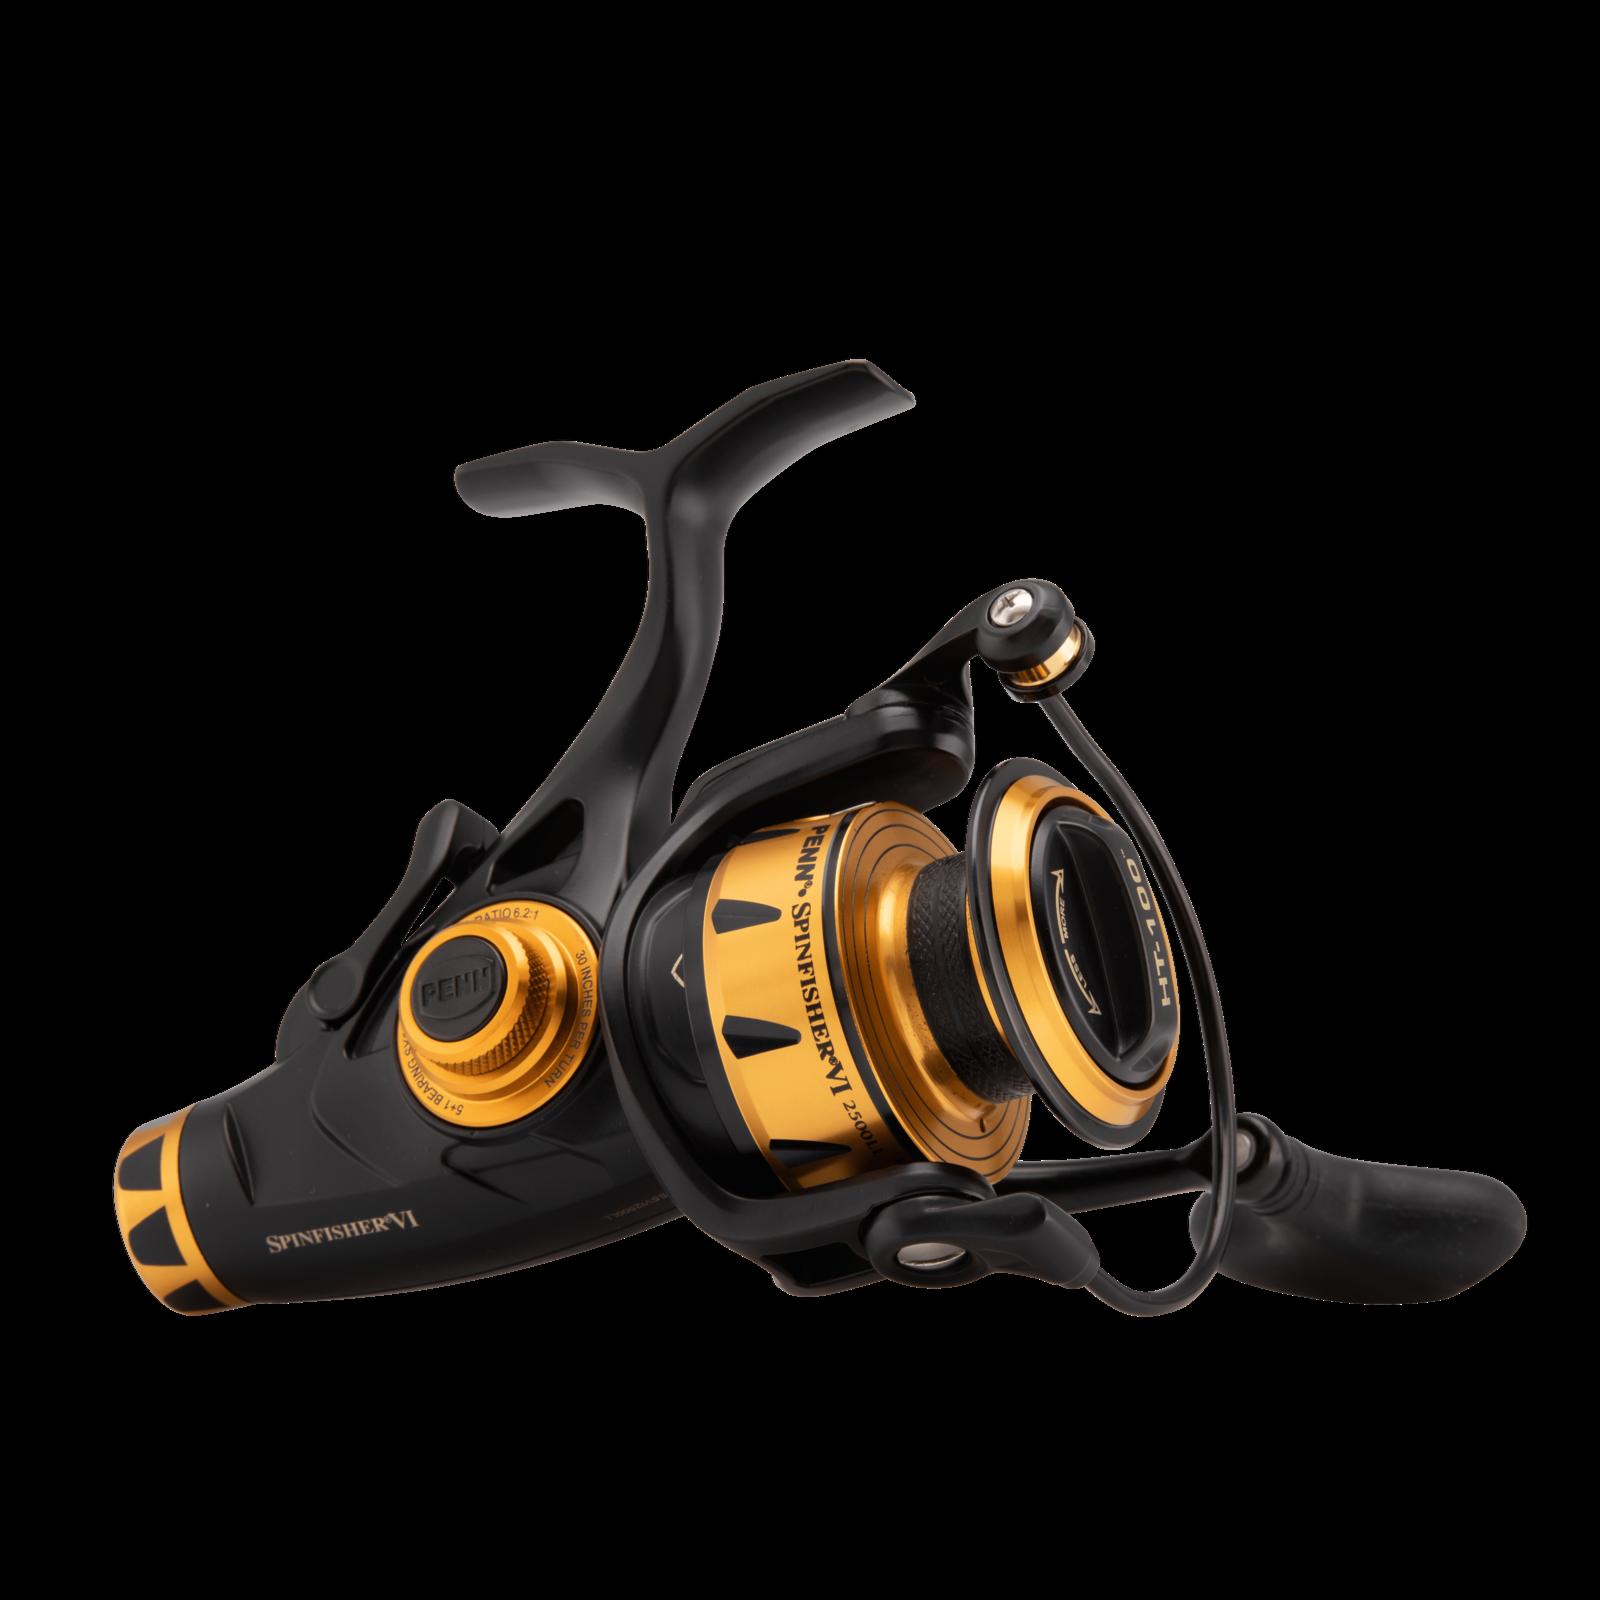 Penn Spinfisher VI SSV 8500 Live Liner Fishing Reel SSVI8500LL - NEW 2018